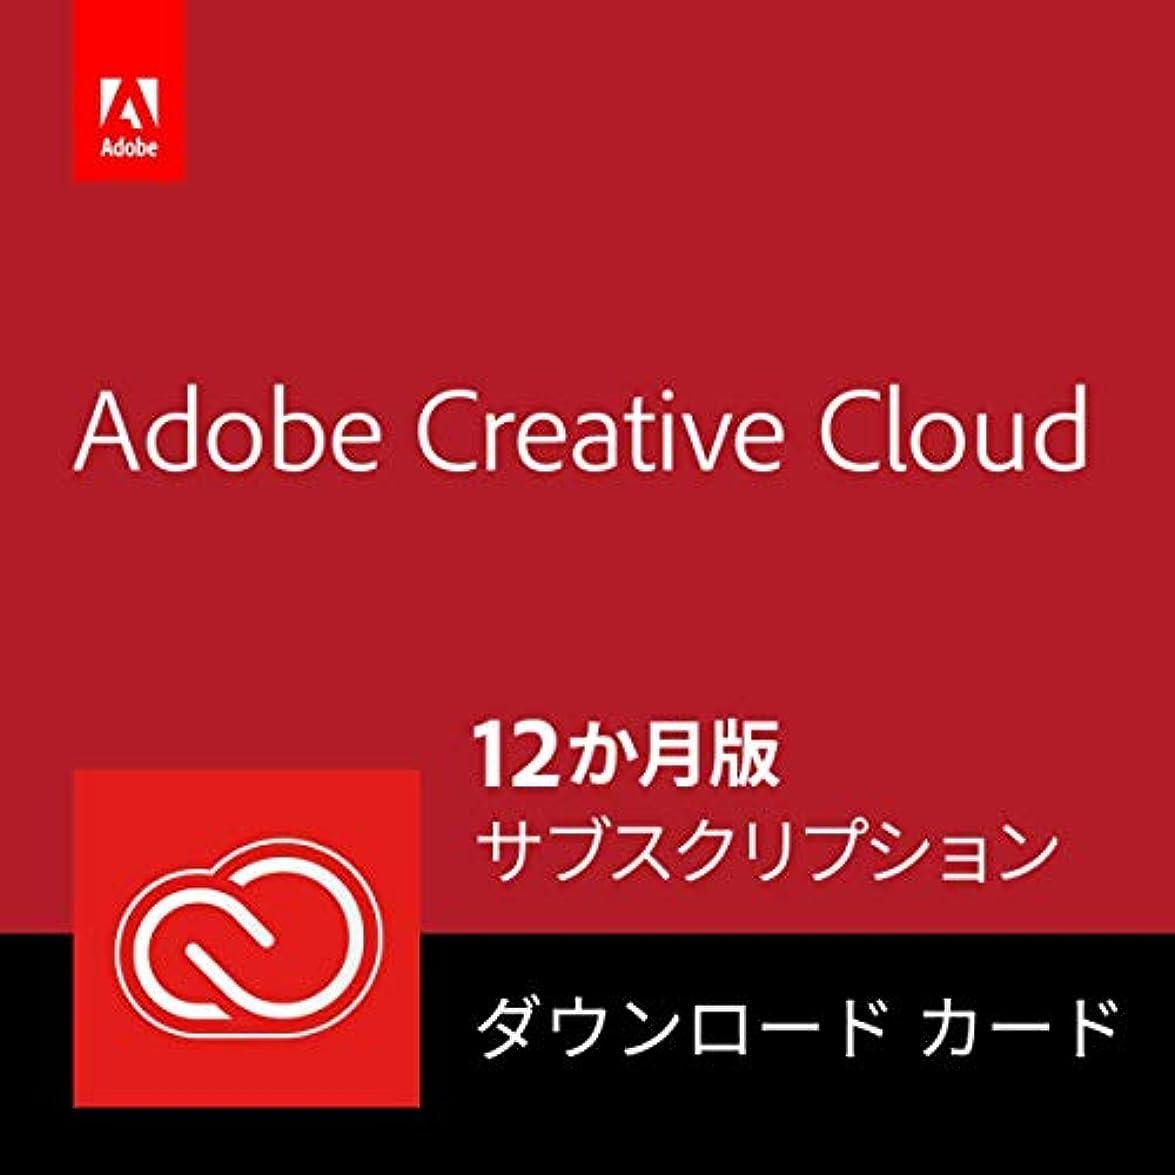 緊張爵はさみAdobe Creative Cloud コンプリート|12か月版|Windows/Mac対応|パッケージ(カード)コード版